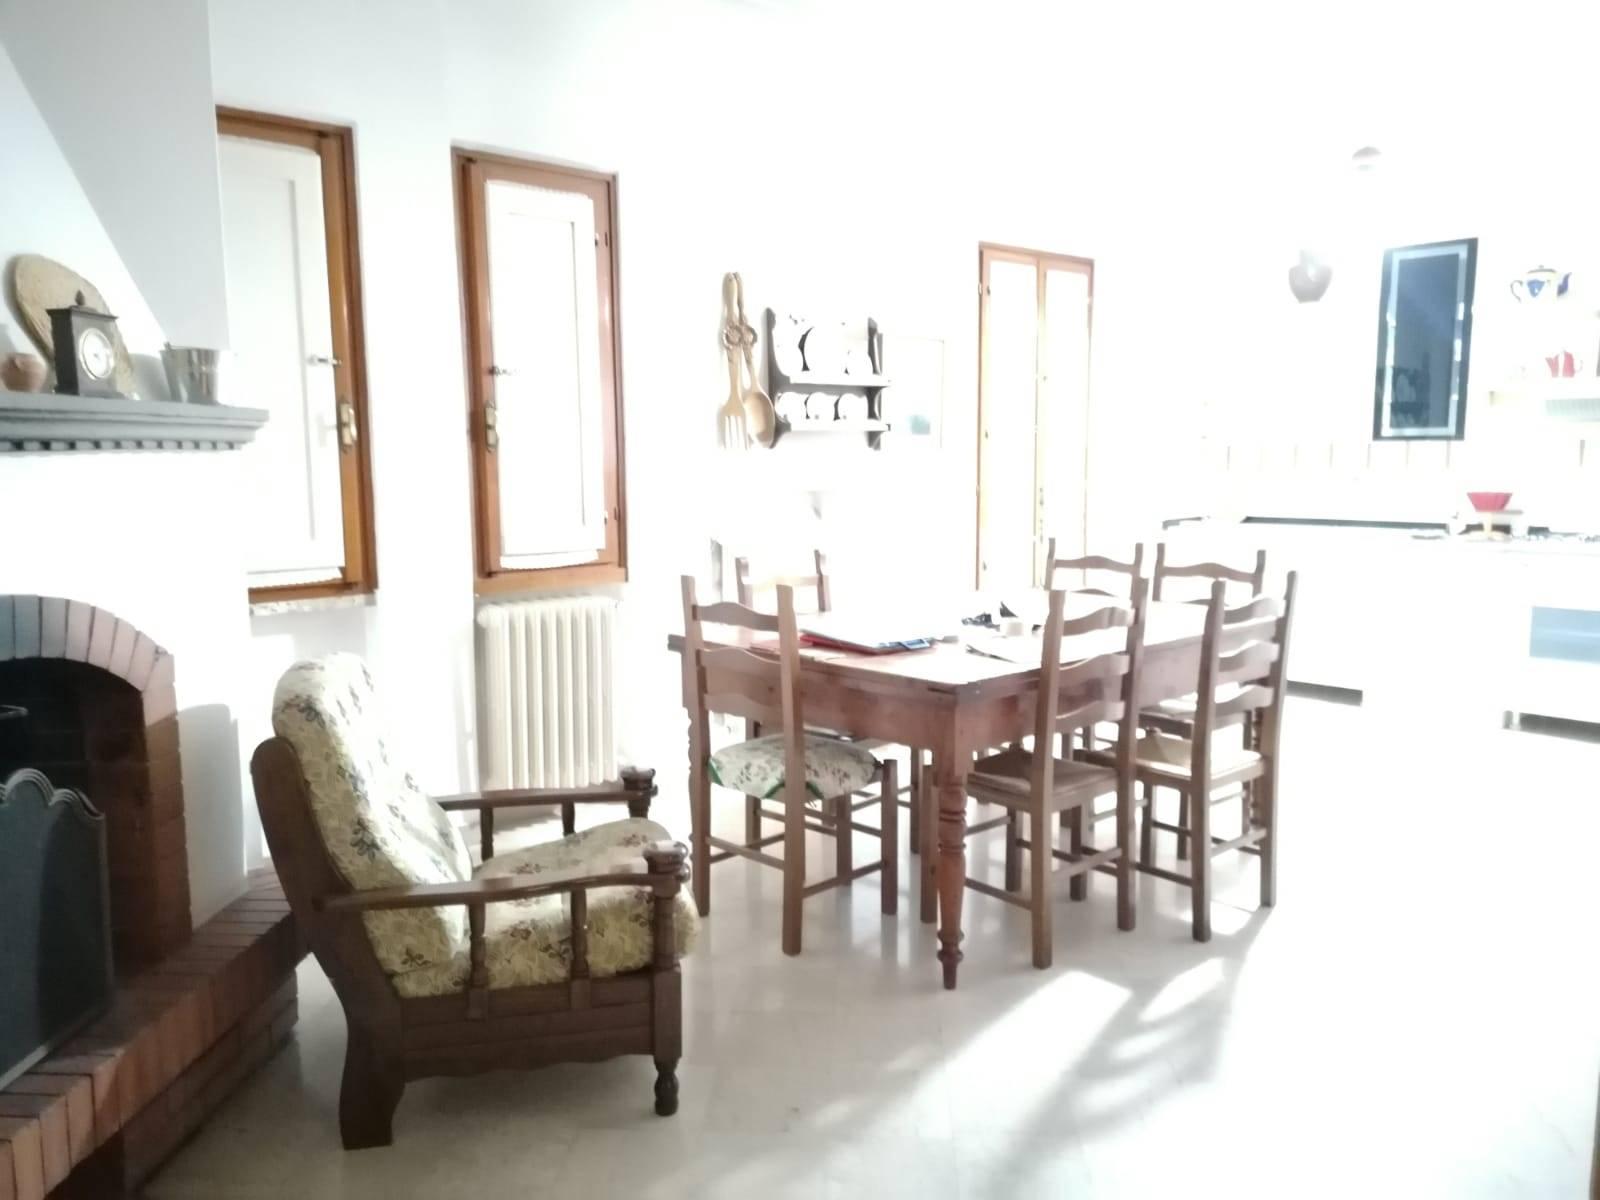 Villa in Vendita a Campi bisenzio zona  - immagine 7